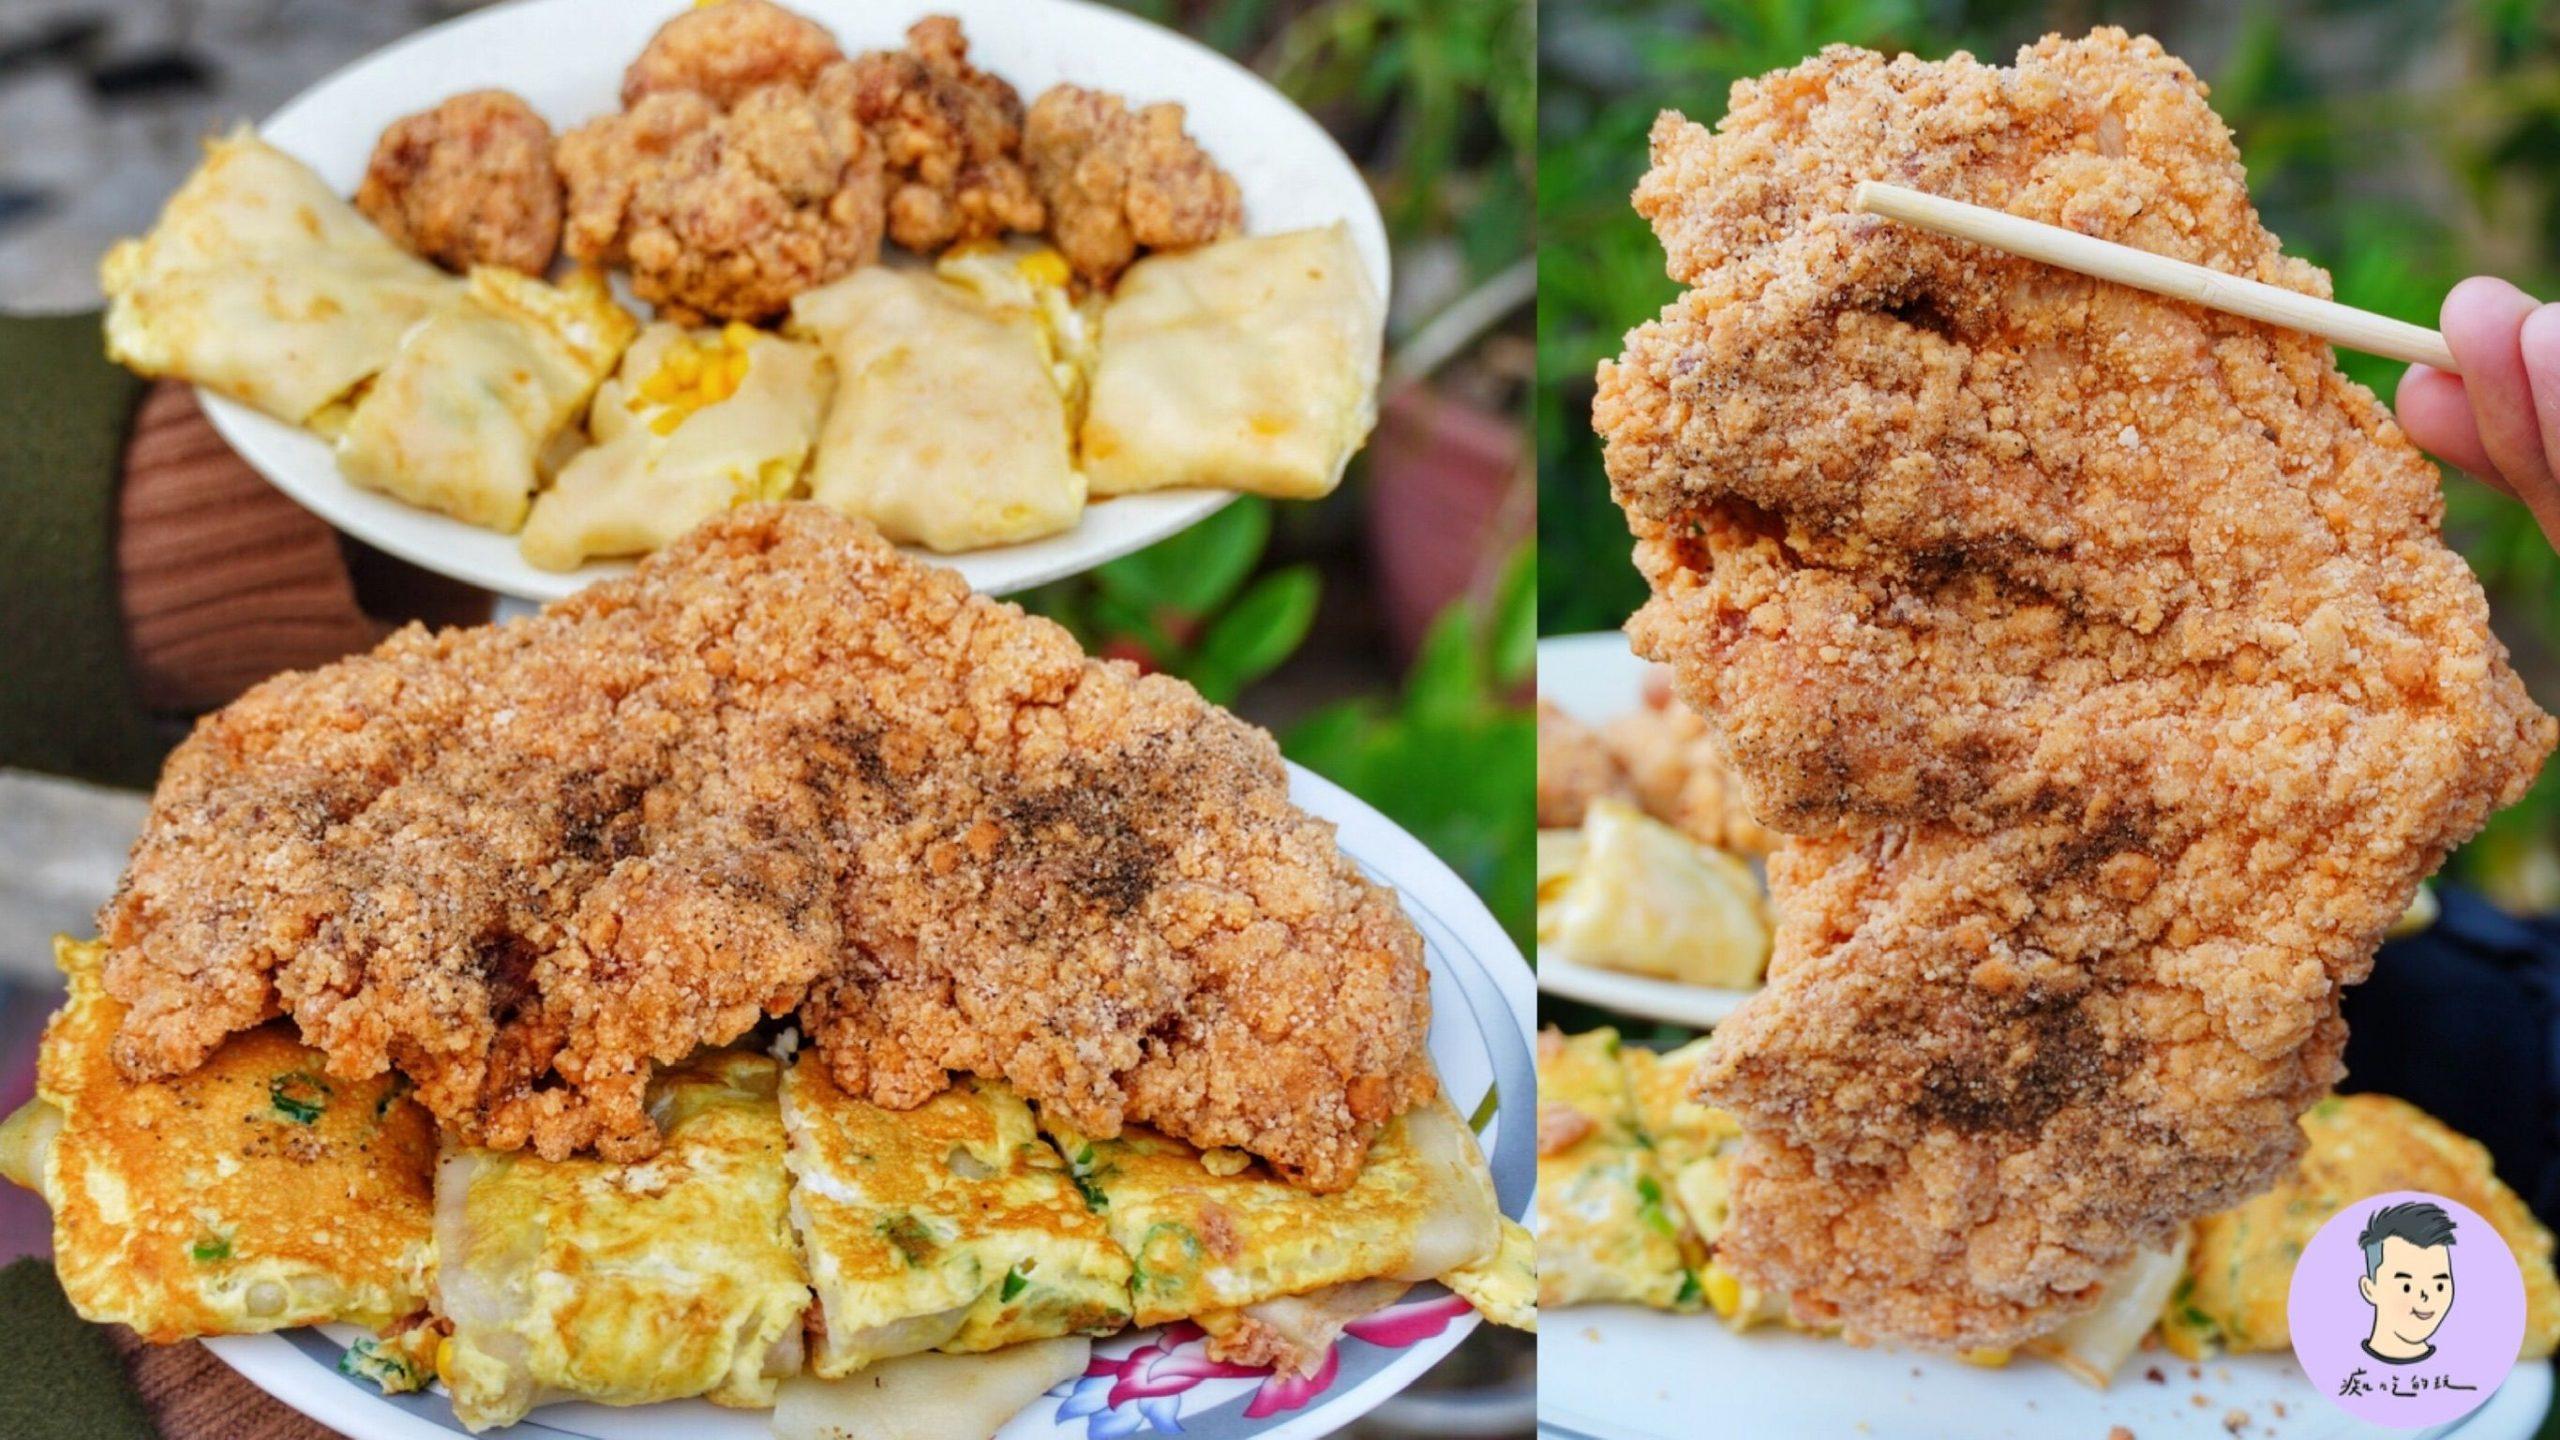 【台南美食】台南這家早餐太狂了!超大香雞排只要45元 還有賣鹽酥雞 – 千香麥香雞專賣店